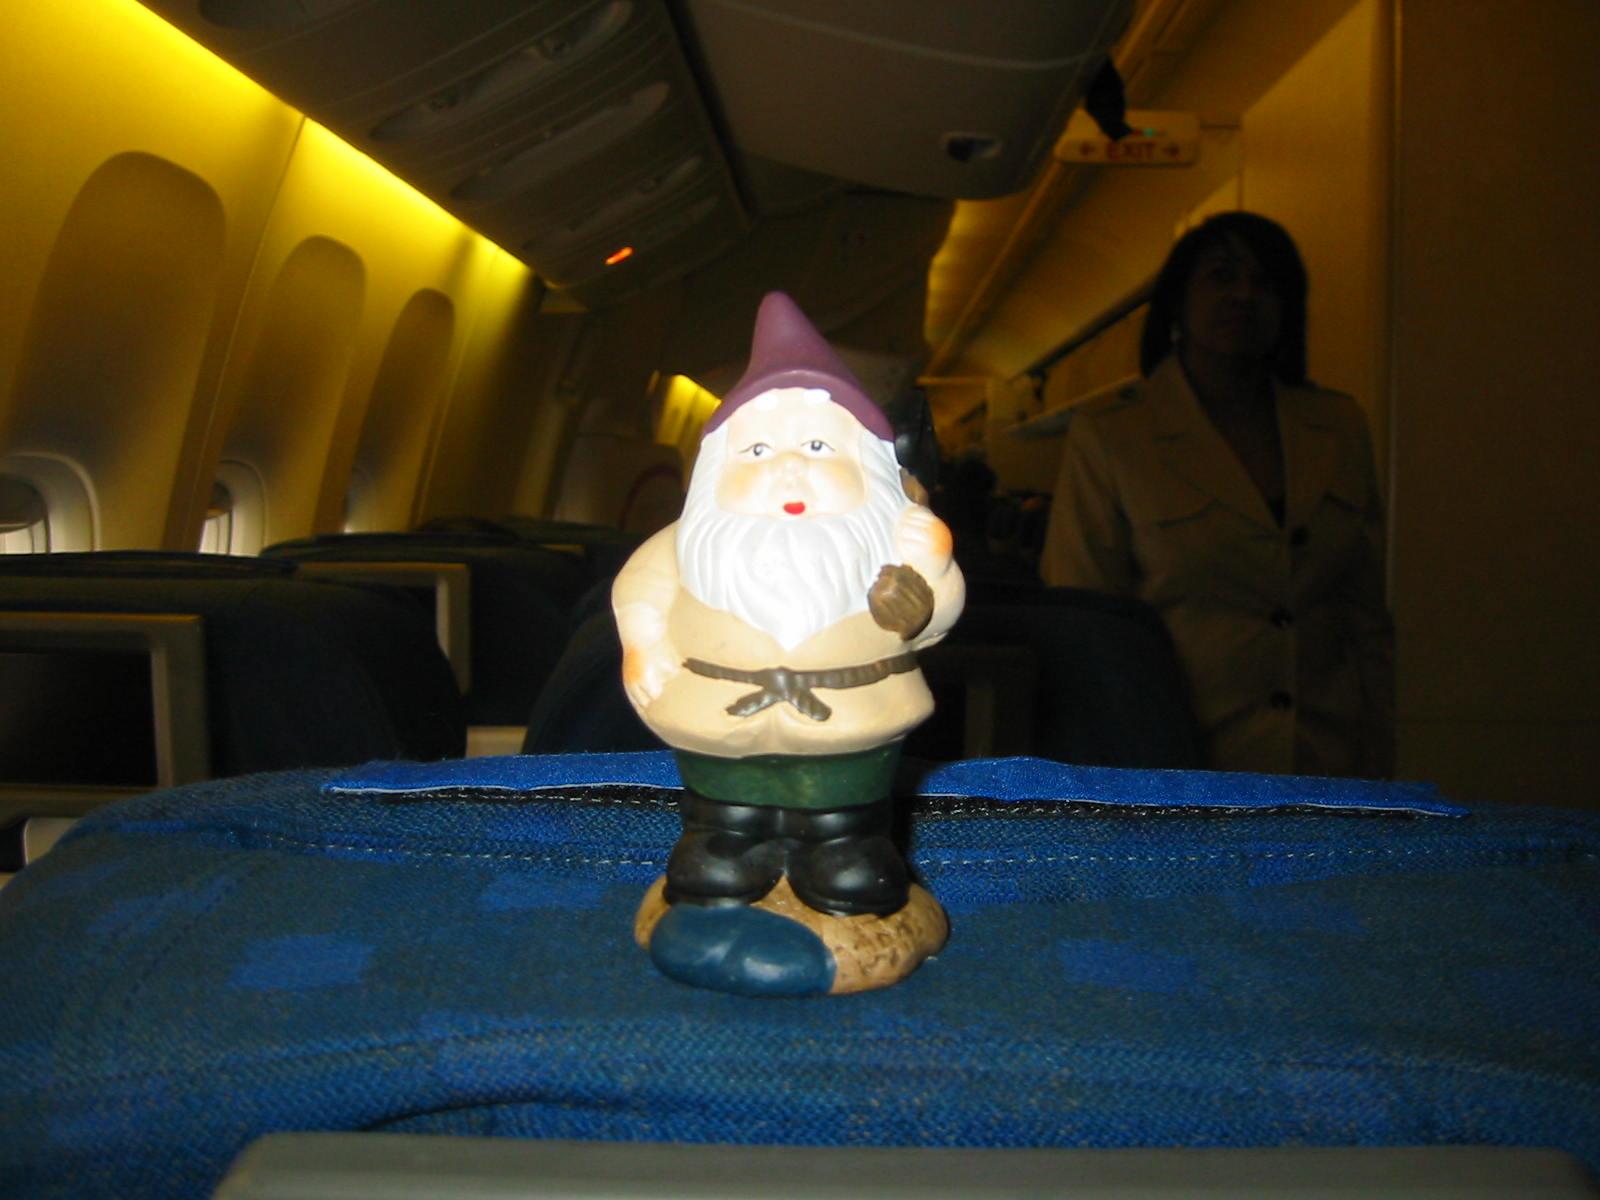 http://1.bp.blogspot.com/_e-i4iqimQZs/S8z3Mb6hwRI/AAAAAAAAAK0/Ai2gF9LwuPs/s1600/travelling+gnome.jpg